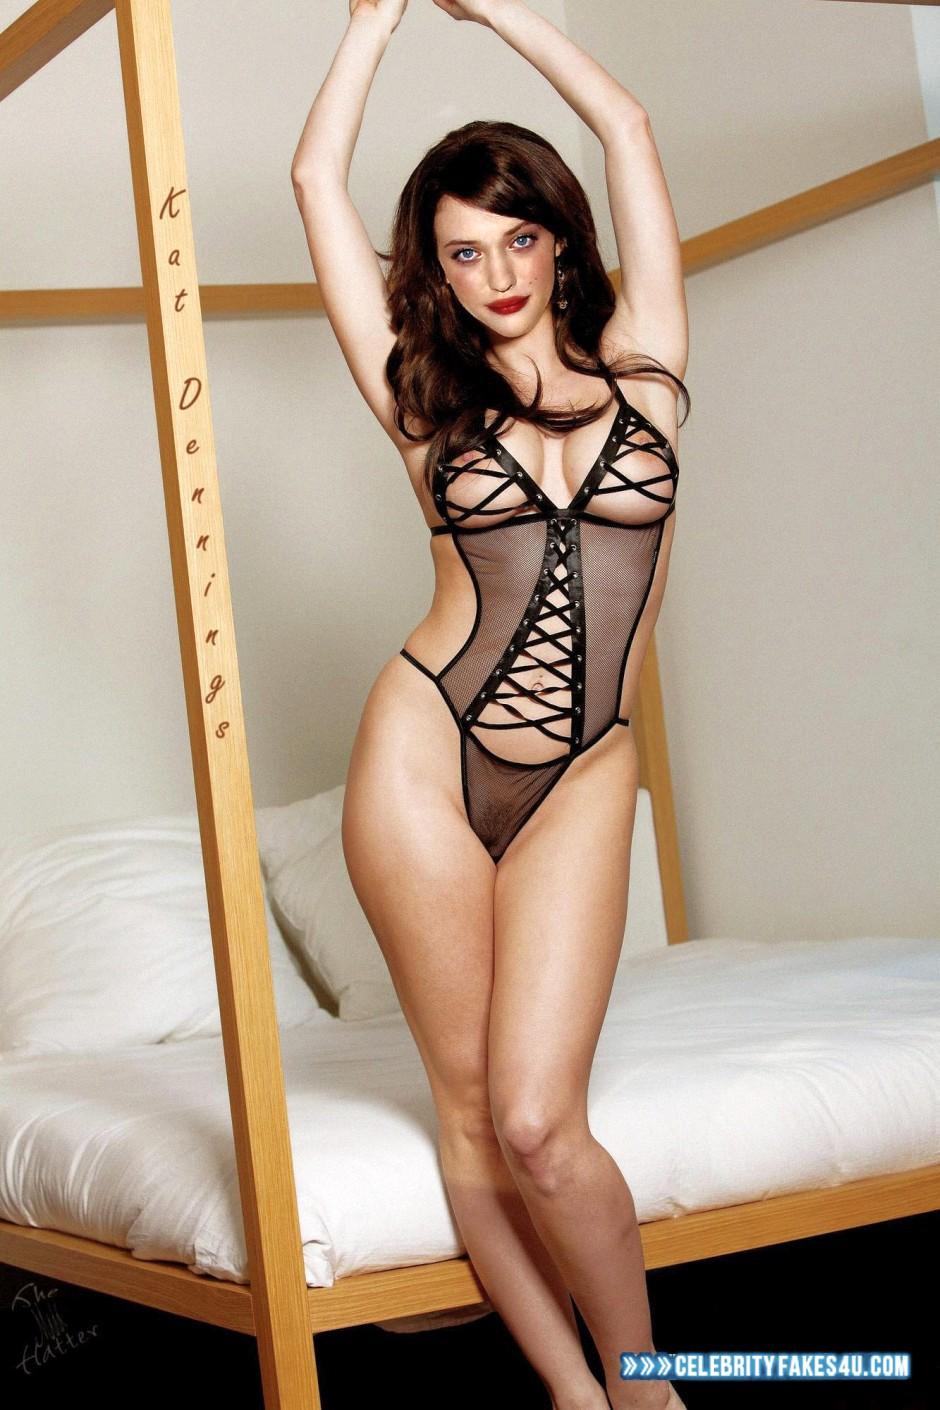 Kat Dennings Lingerie Horny Porn Fake 001 « Celebrity Fakes 4U